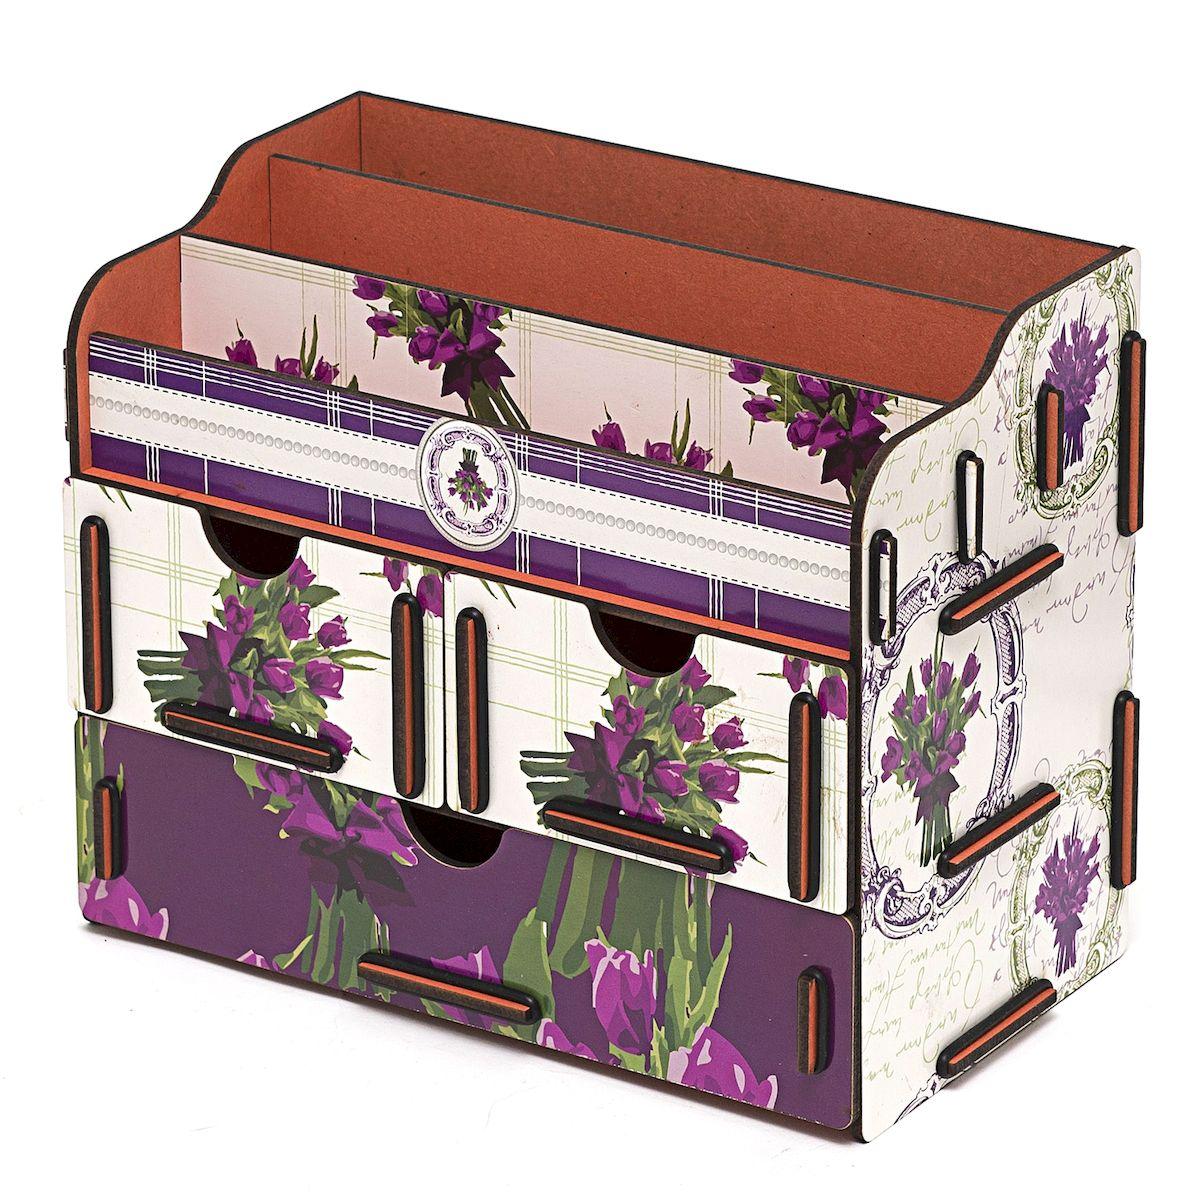 Органайзер для косметики и украшений Hosmu Весна, 24 x 14 x 19 см74-0120Настольный органайзер Homsu Весна выполнен из МДФ и собирается из съемных деталей. Изделие подходит для косметики и украшений. Органайзер имеет 3 выдвижных ящичка и 3 секции для хранения косметики, парфюмерии и аксессуаров, его можно поставить на столе, он станет отличным дополнением интерьера. Изделие позволяет разместить все самое необходимое для женщины и всегда иметь это под рукой. Размер малого ящика: 11 х 14,5 см.Размер большого ящика: 22 х 14,5 см.